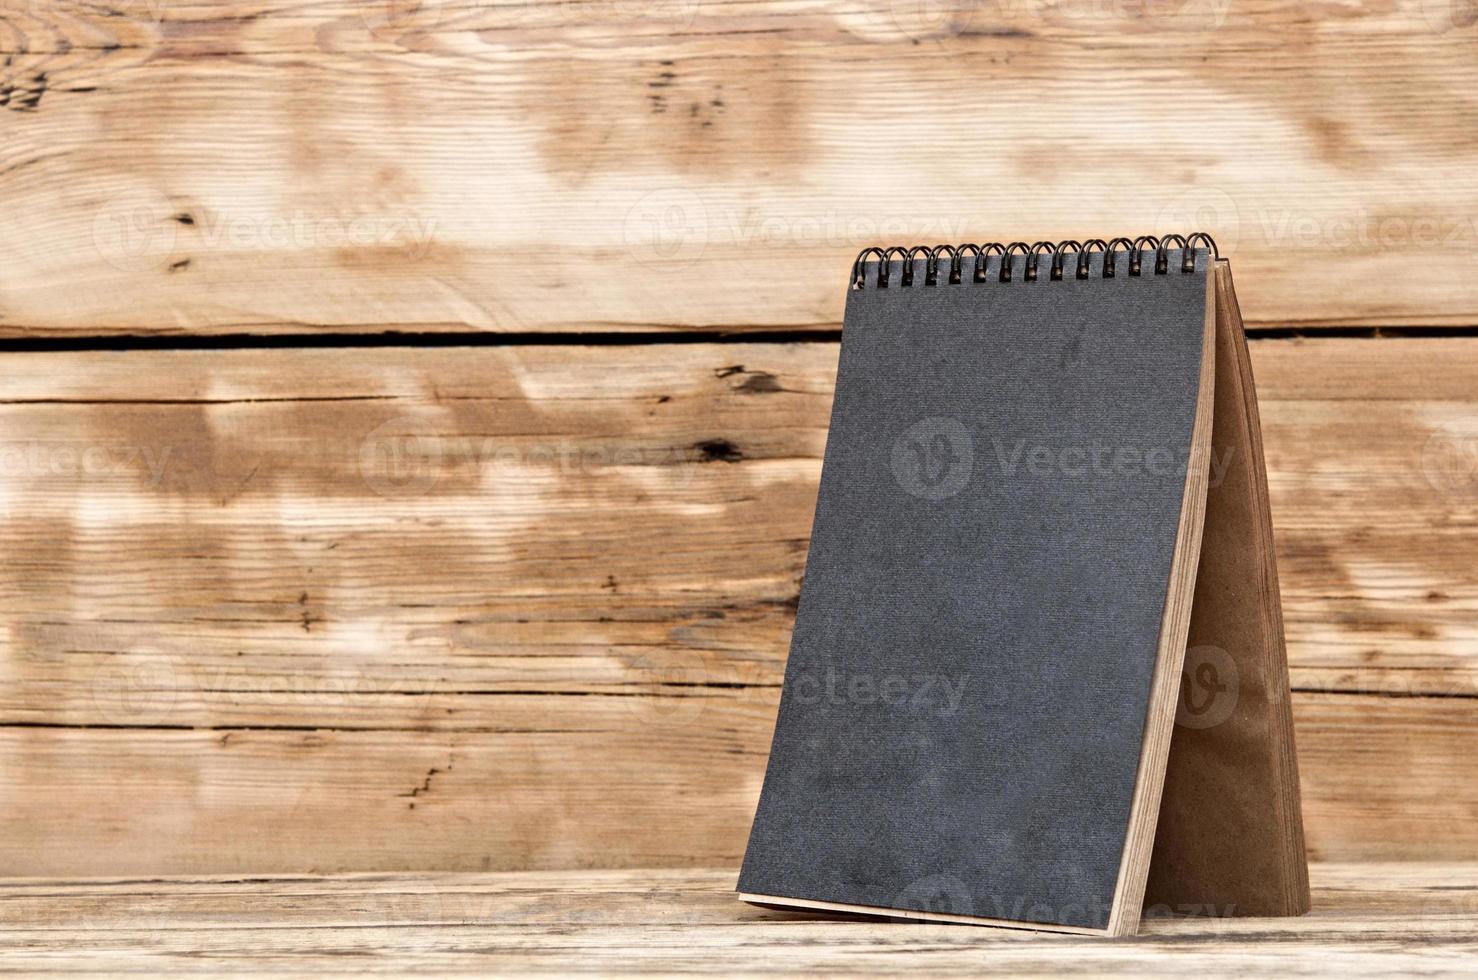 enda tom skrivbordskalender på träbord foto